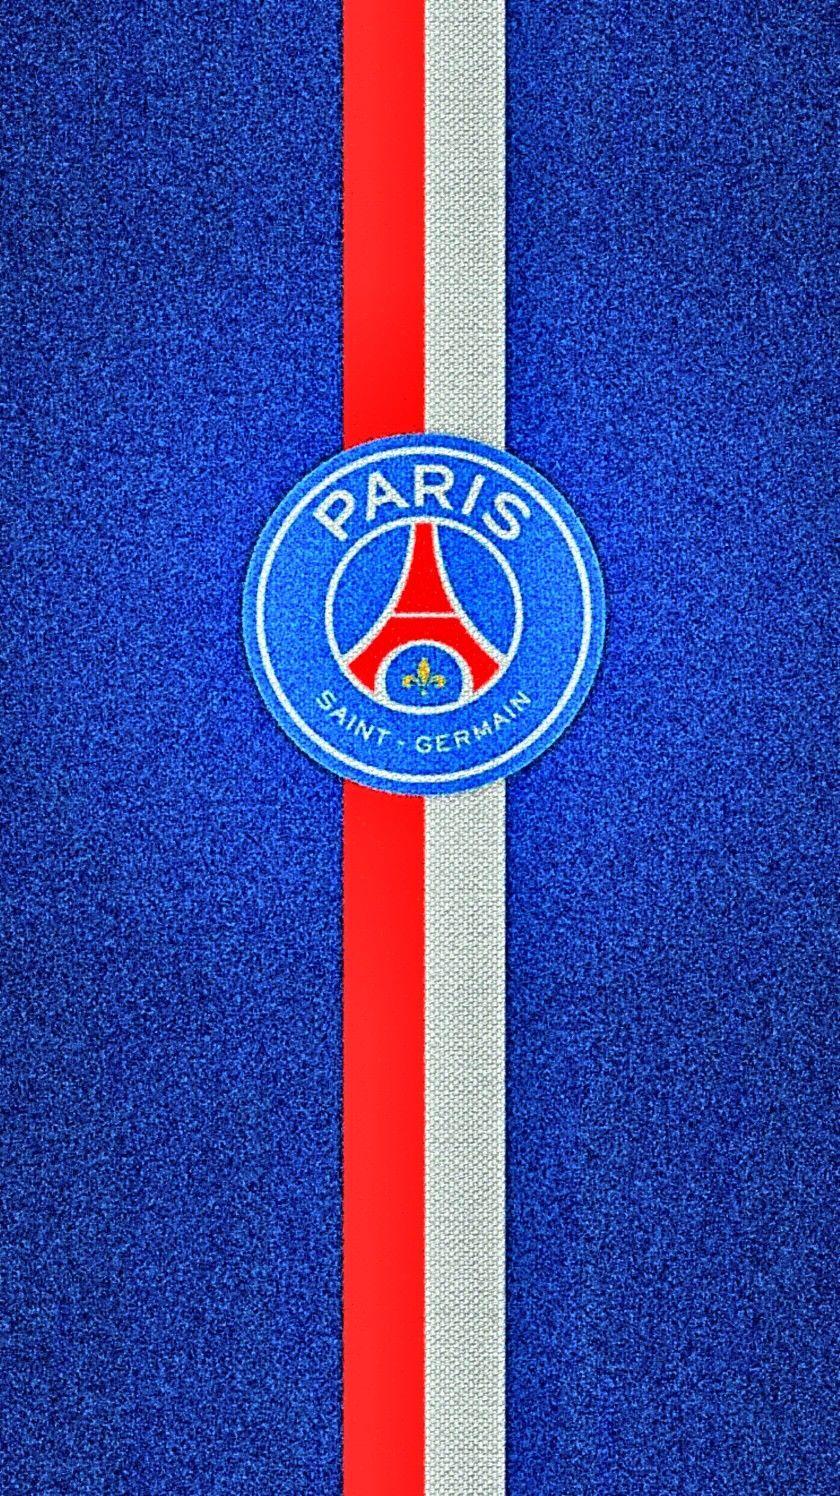 Épinglé par Jessi sur Paris saintgermain en 2020 (avec